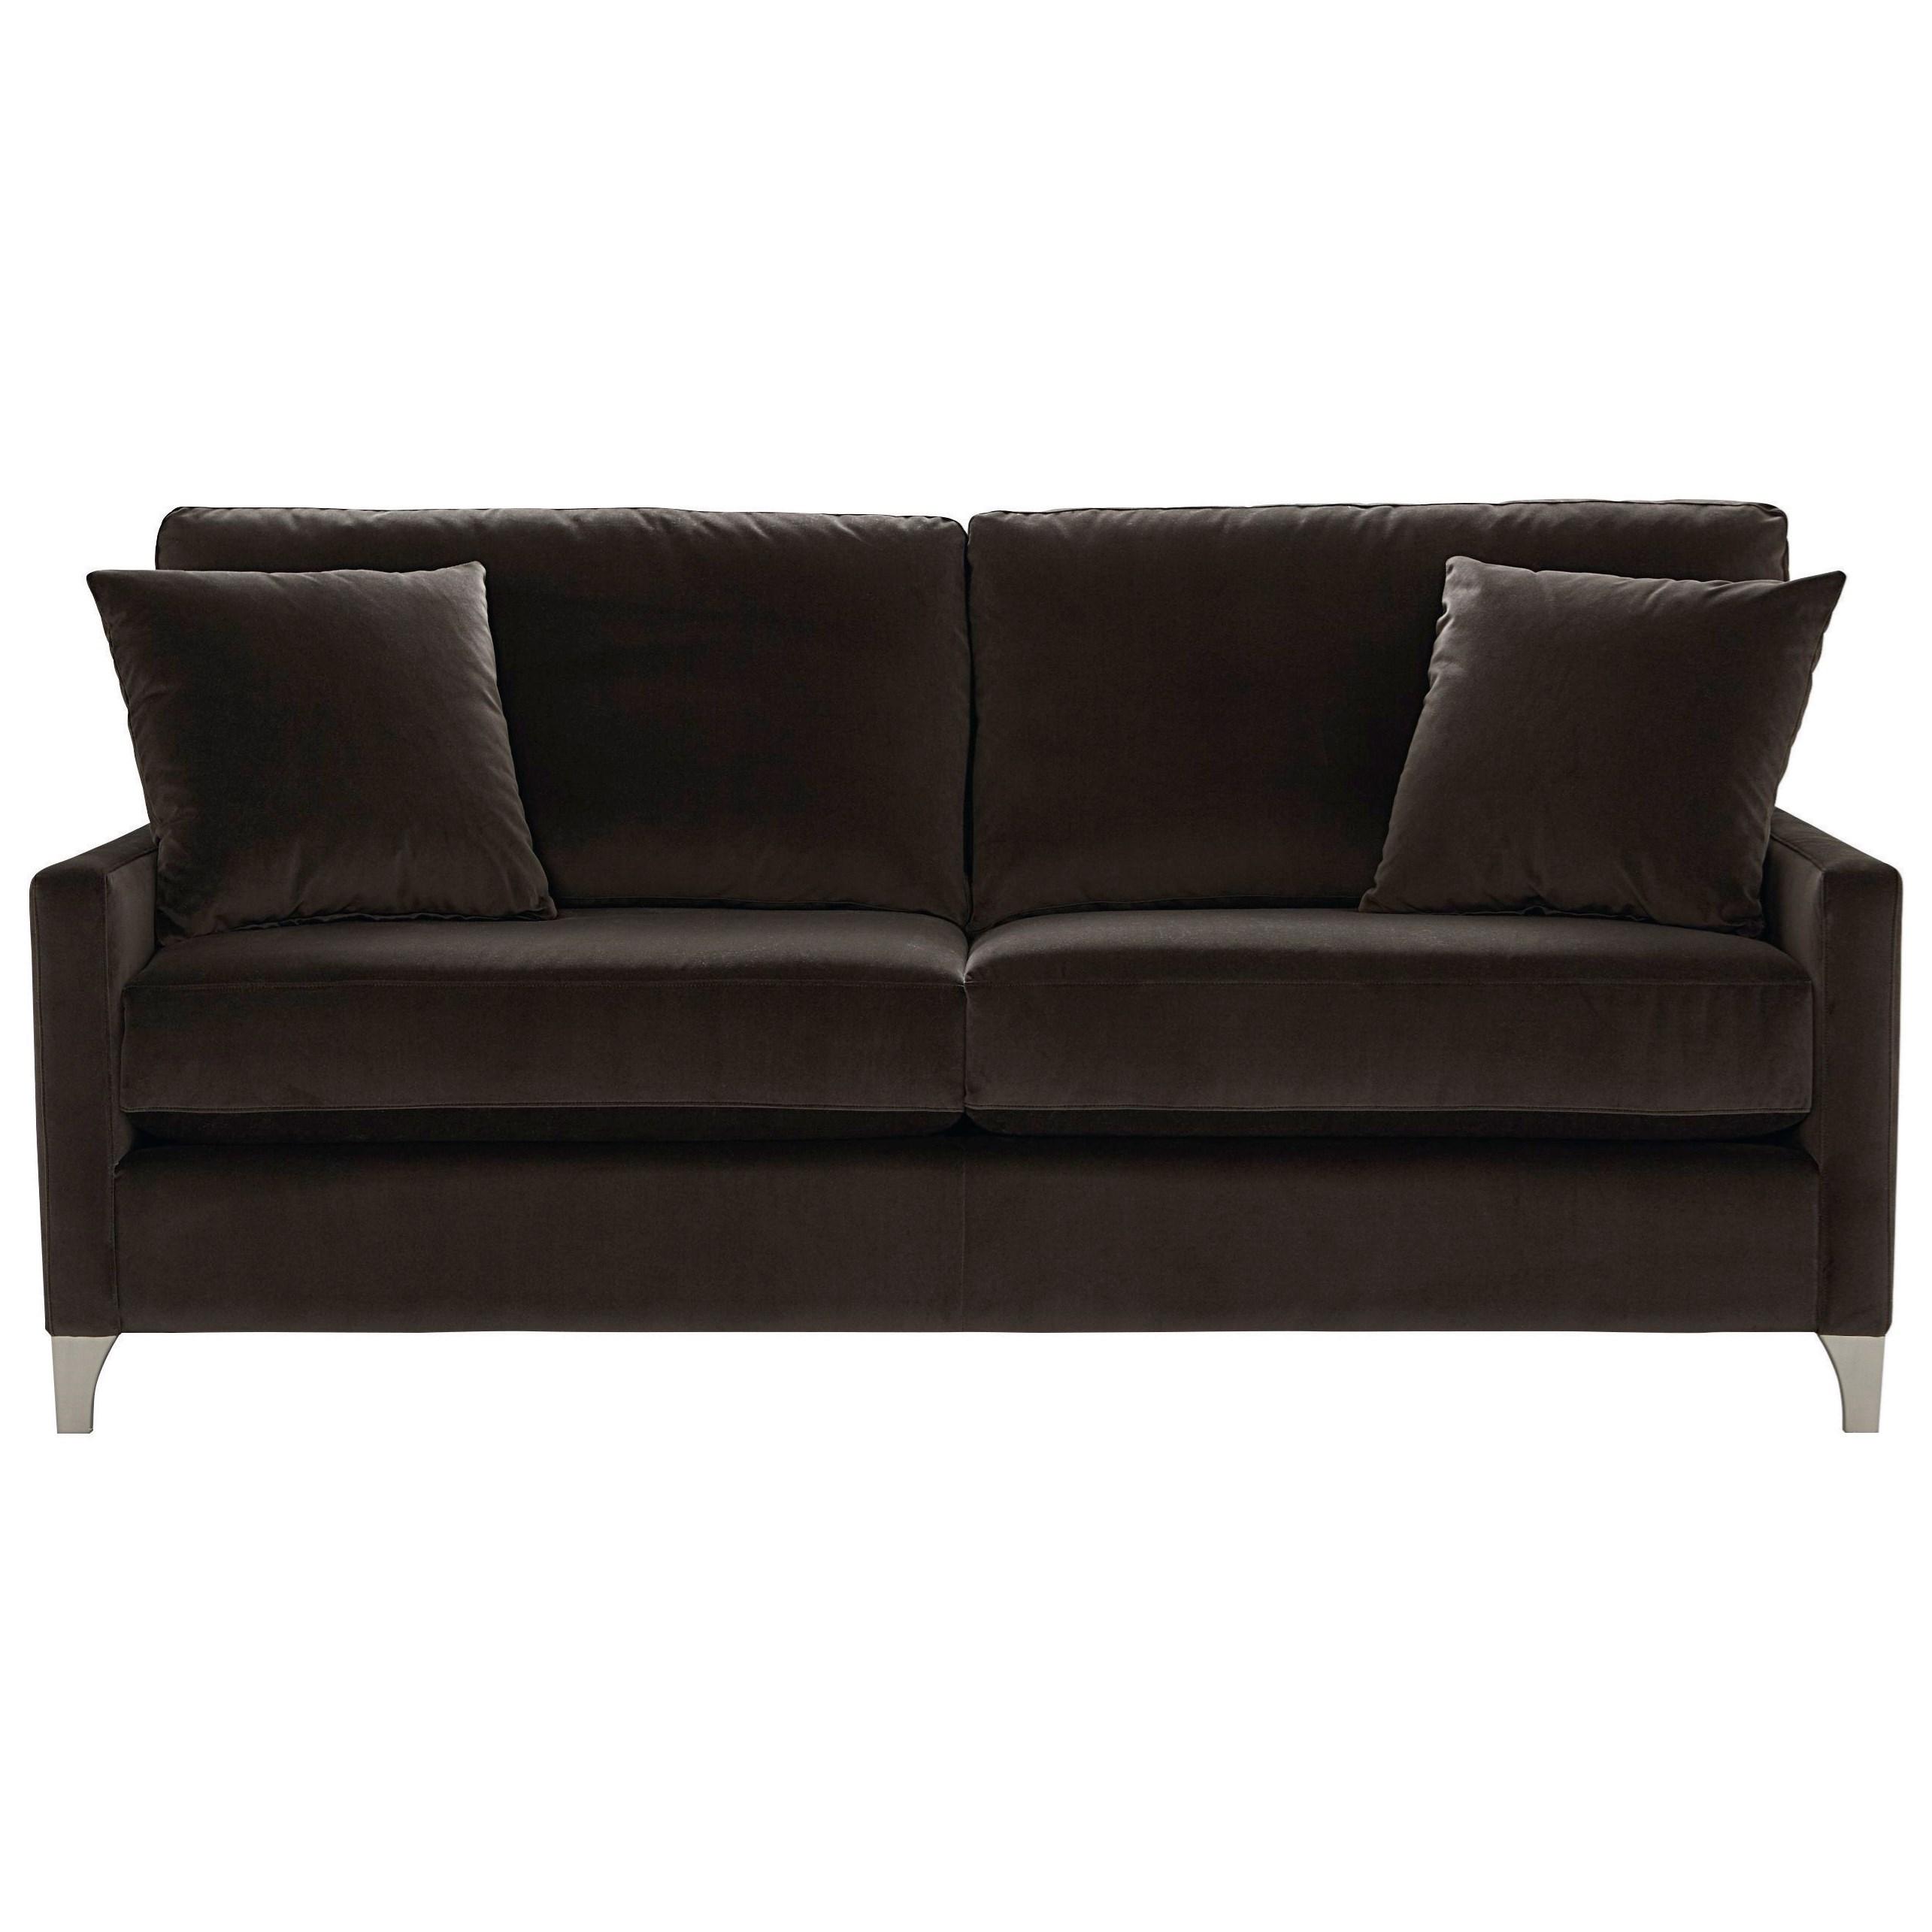 Custom Upholstery Customizable Studio Sofa by Bassett at Bassett of Cool Springs